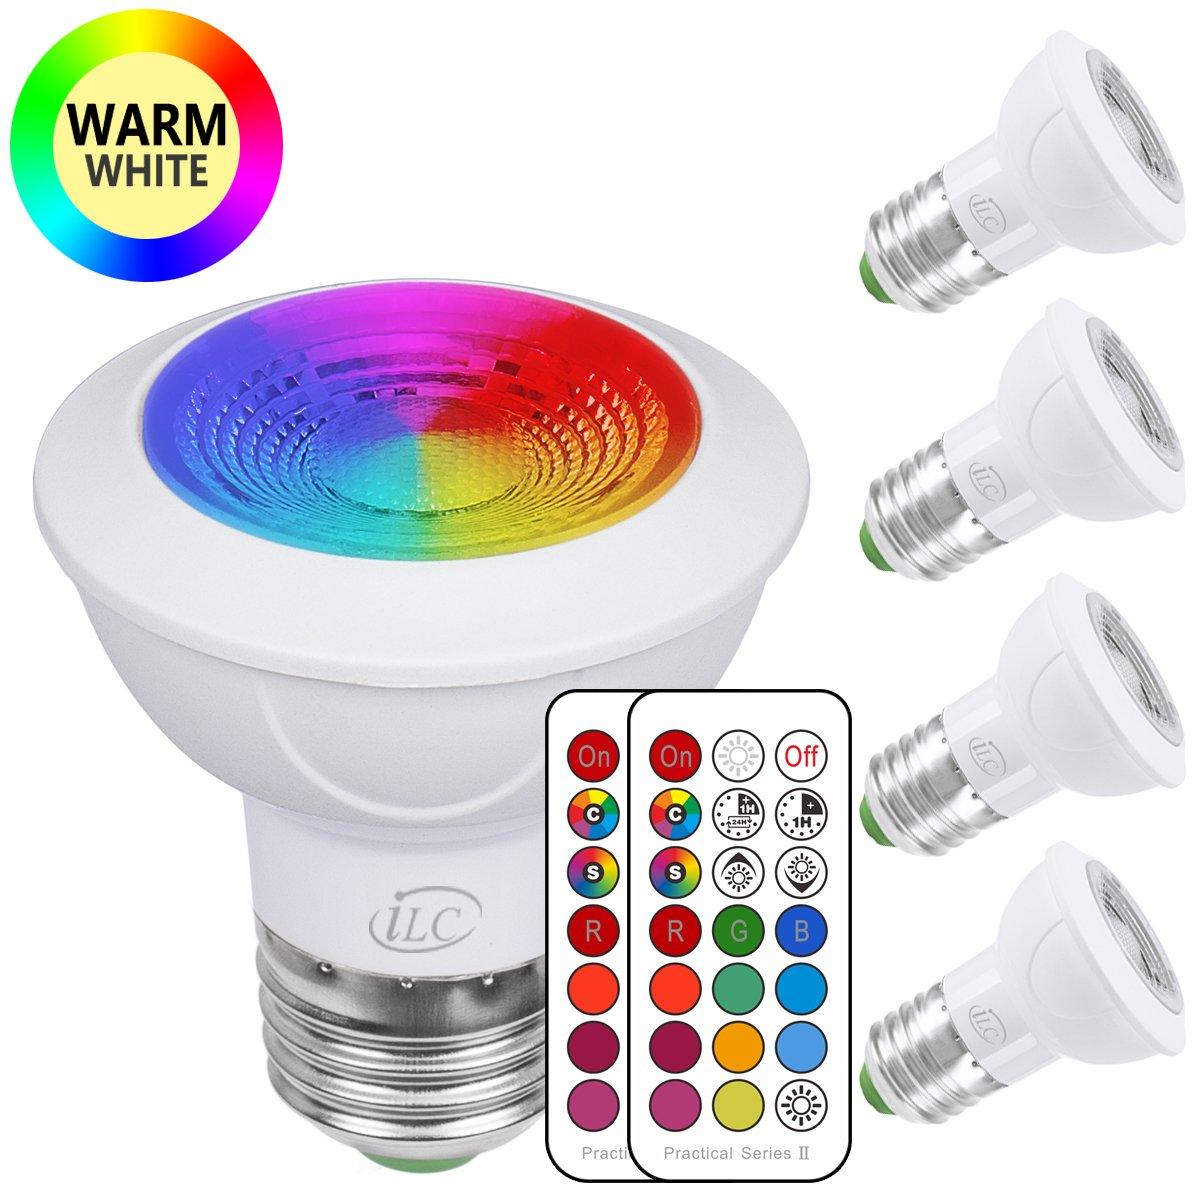 iLC Bombilla LED Foco Colores RGBW Bombillas spot Cambio de Color Blanco Cá lido 2700k Edison E27 Regulable Casquillo Gordo 45° á ngulo de Haz - RGB 12 Colore - Control remoto Incluido - Equivalente de 20 Watt (Pack de 4)